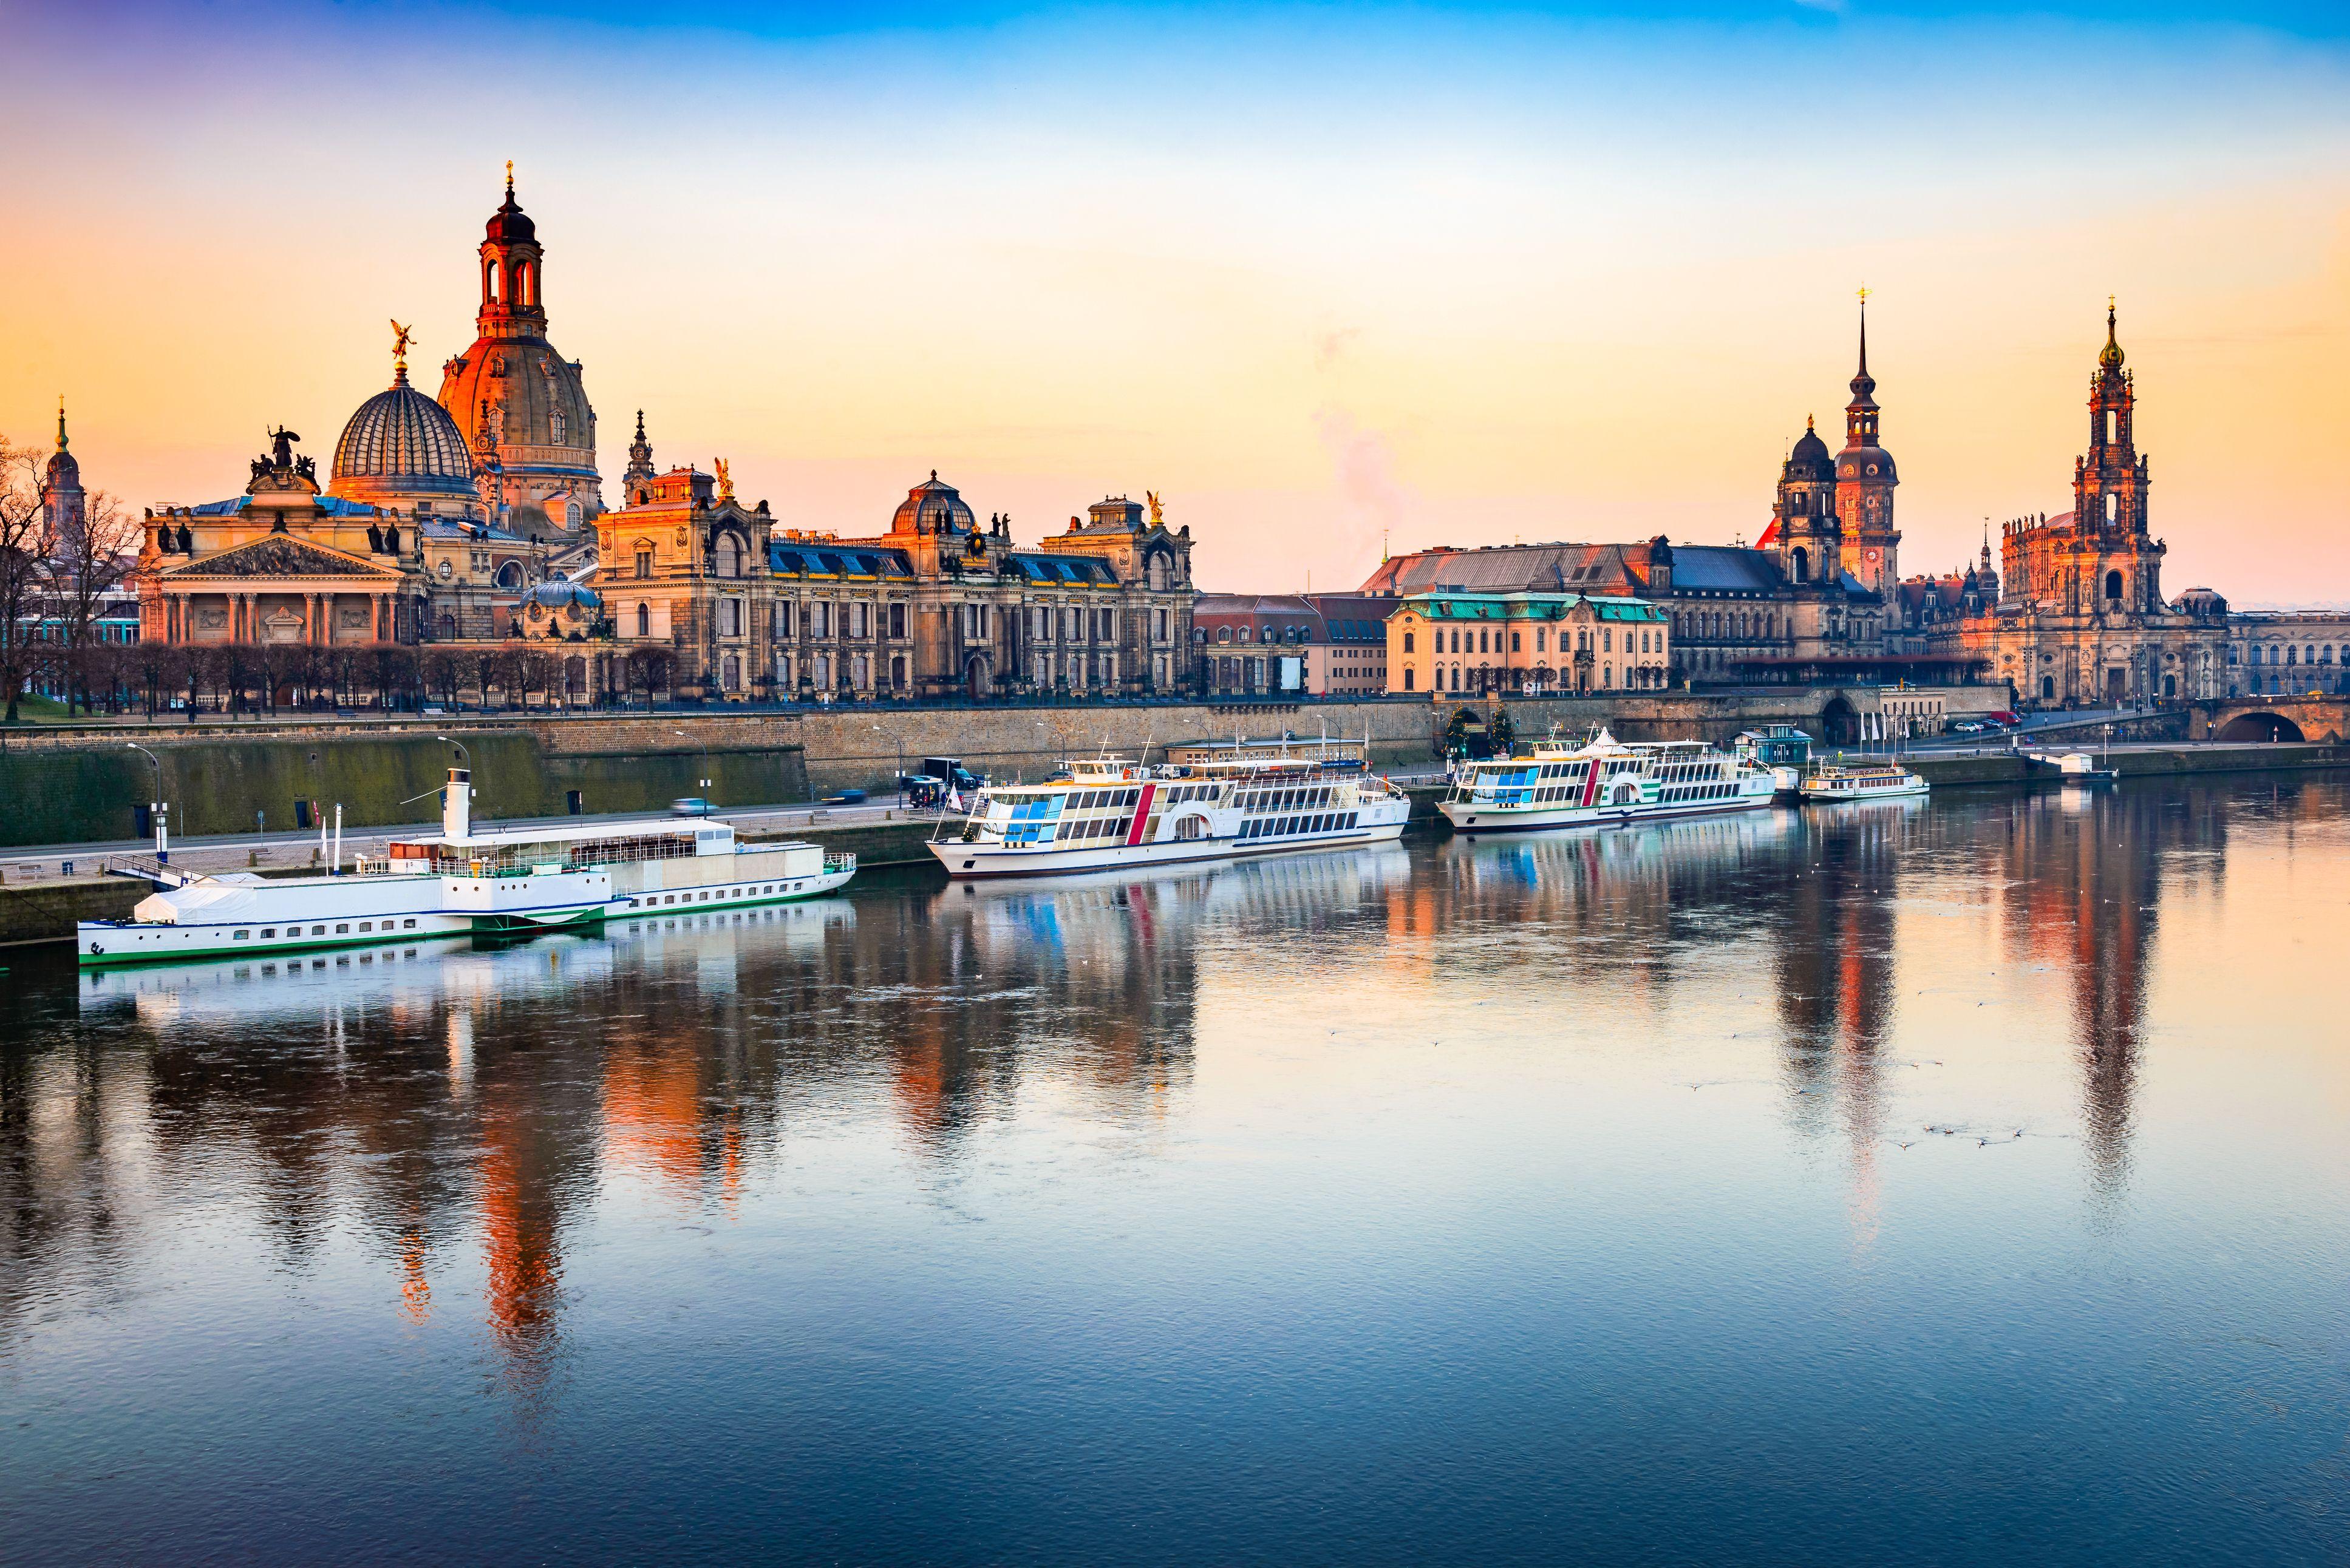 Urlaub in Dresden | Urlaub, Kurzurlaub, Dresden